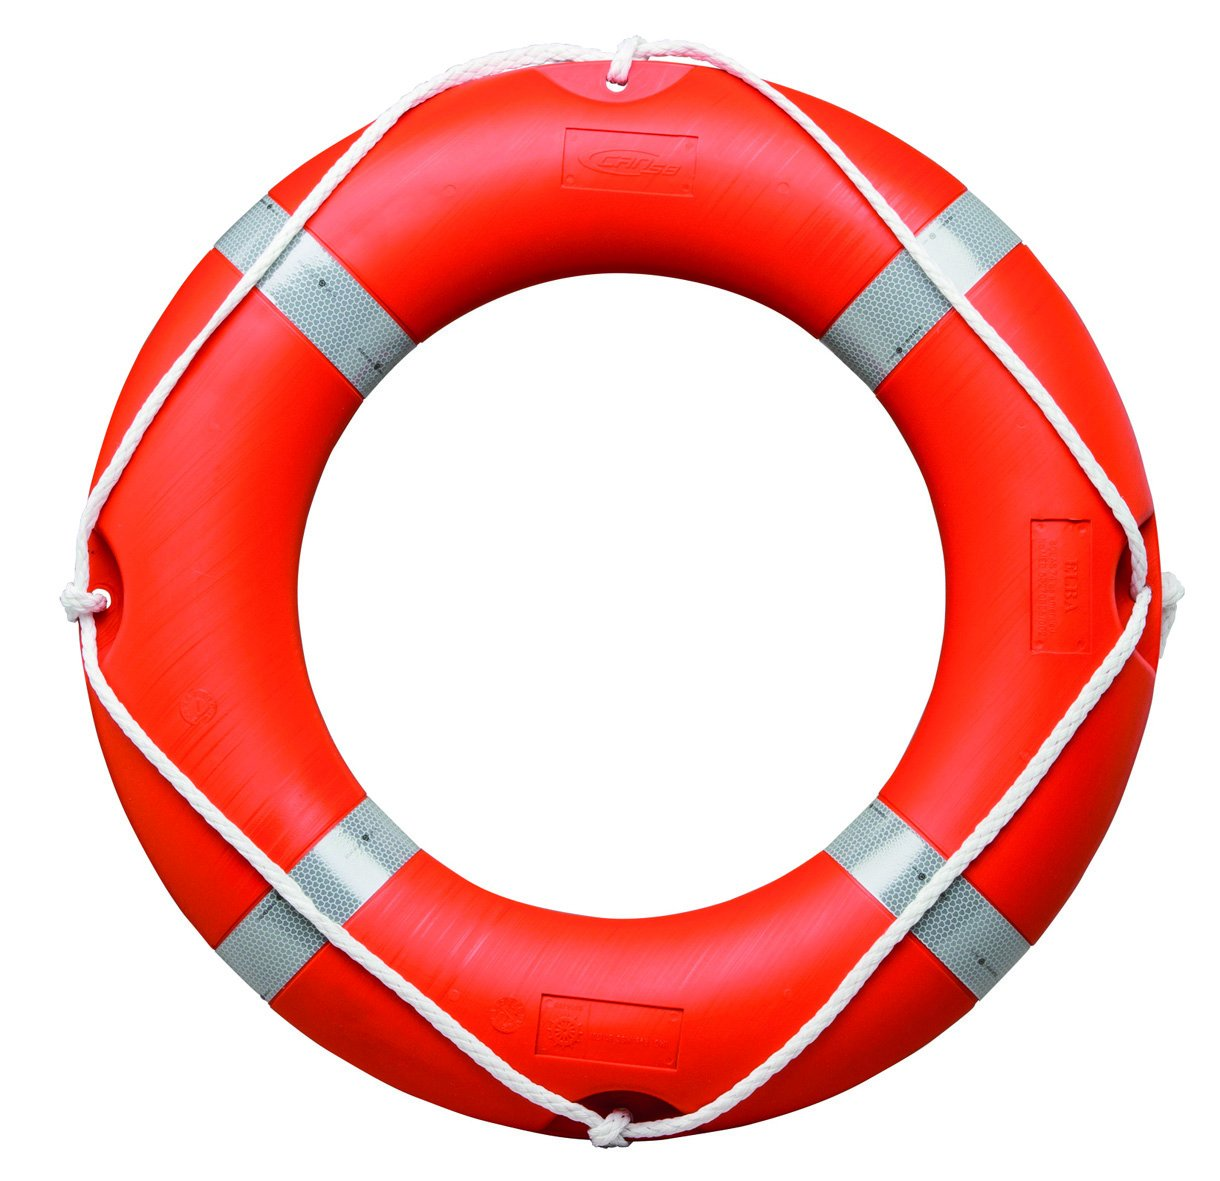 Forwater Solas - Flotador salvavidas, diámetro 70 cm: Amazon.es: Deportes y aire libre